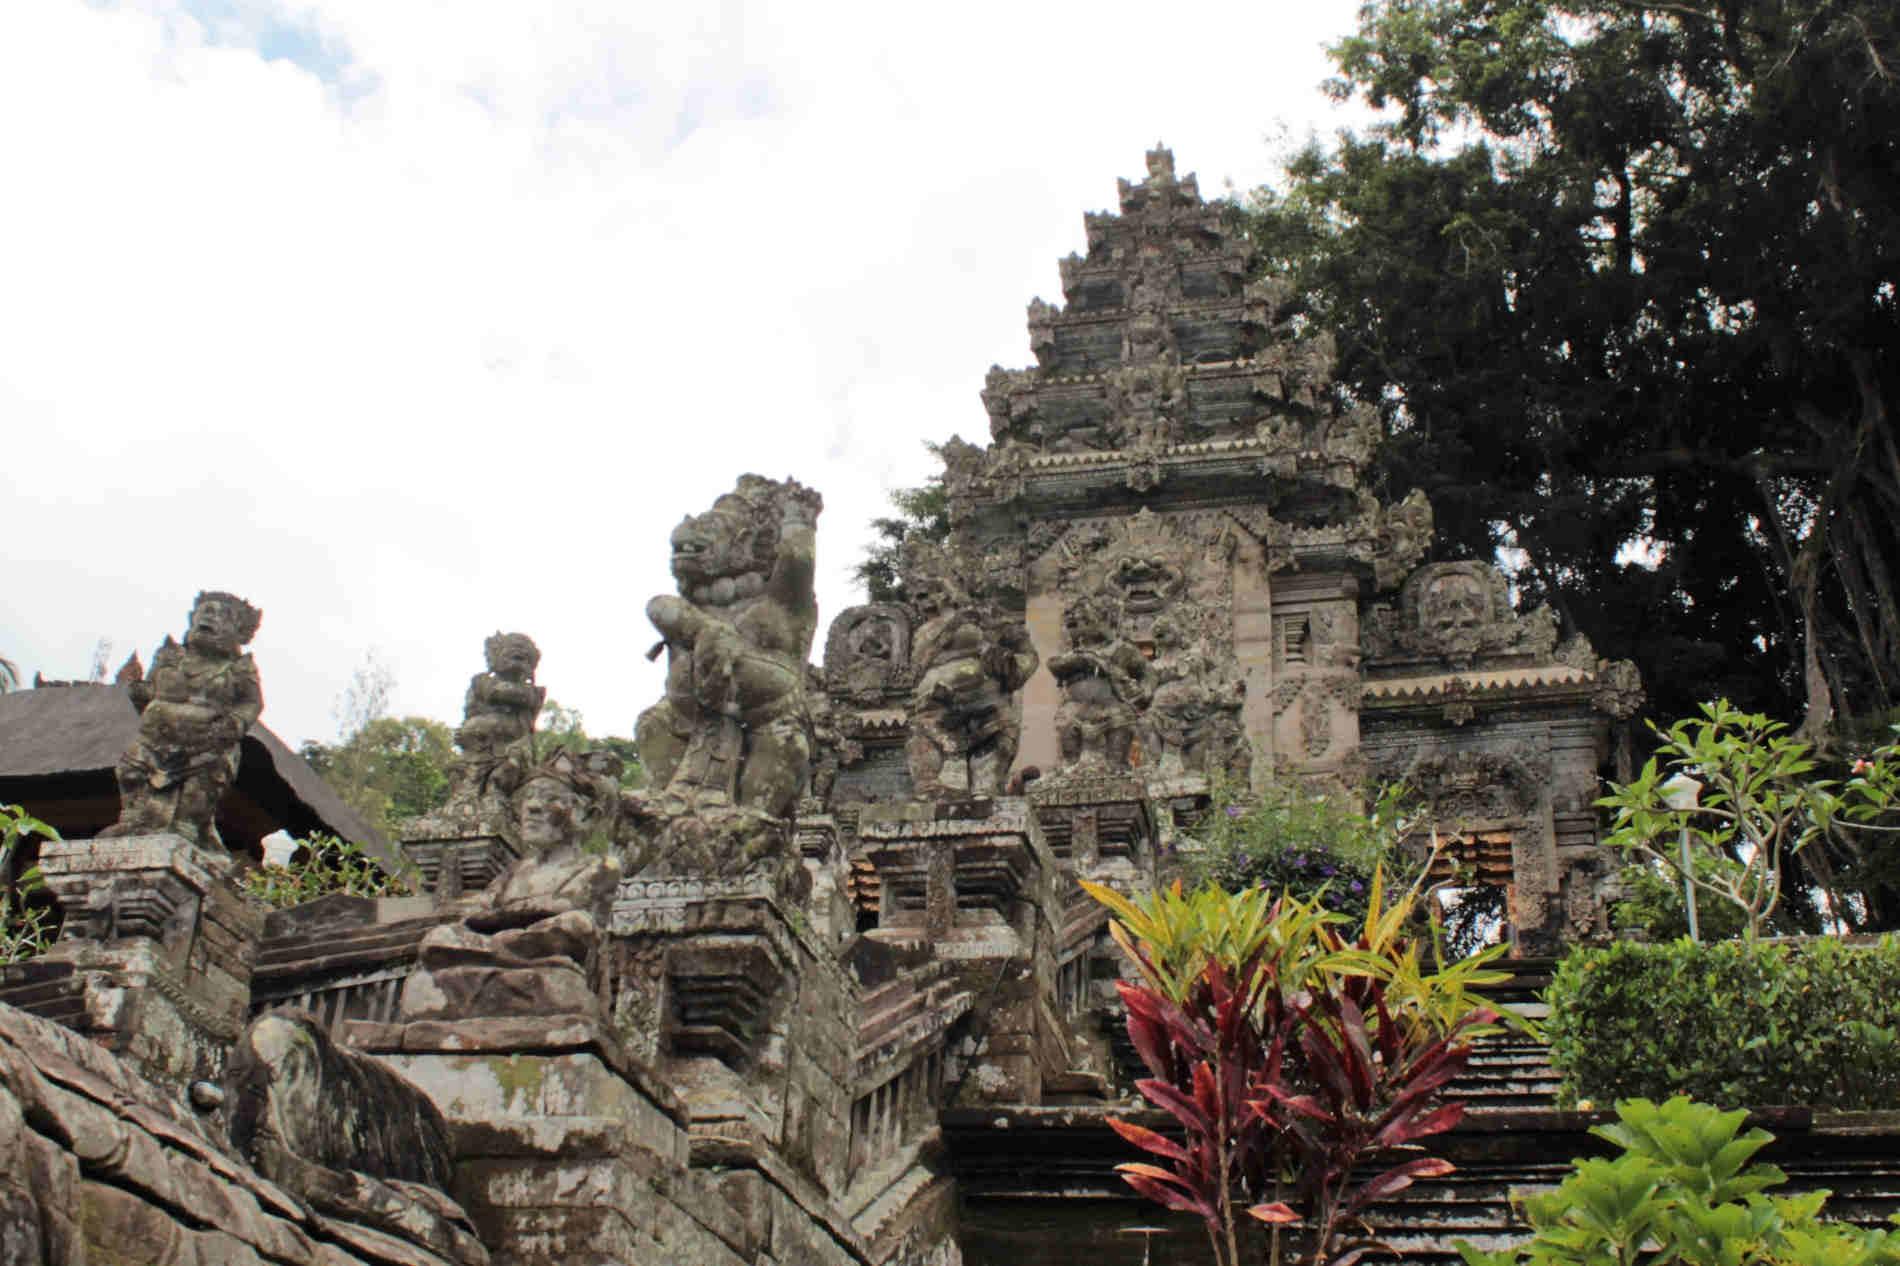 Itinerario a bali - Templi a Bangli